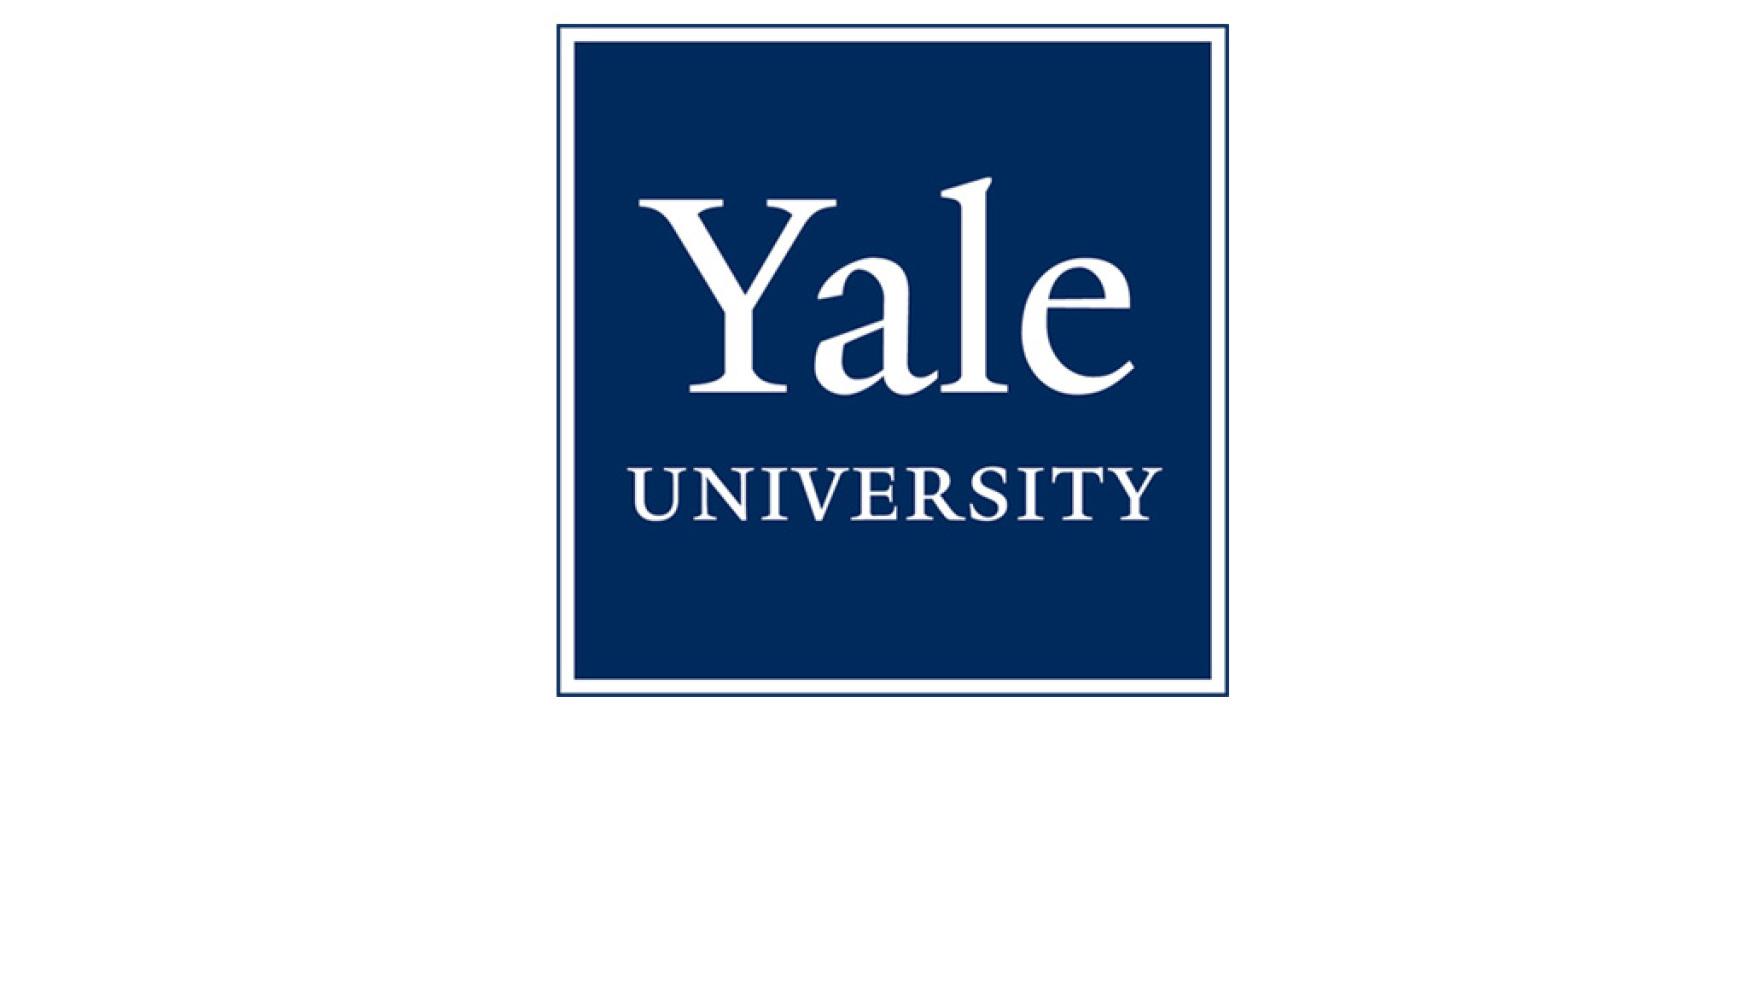 yale university logo png wwwpixsharkcom images